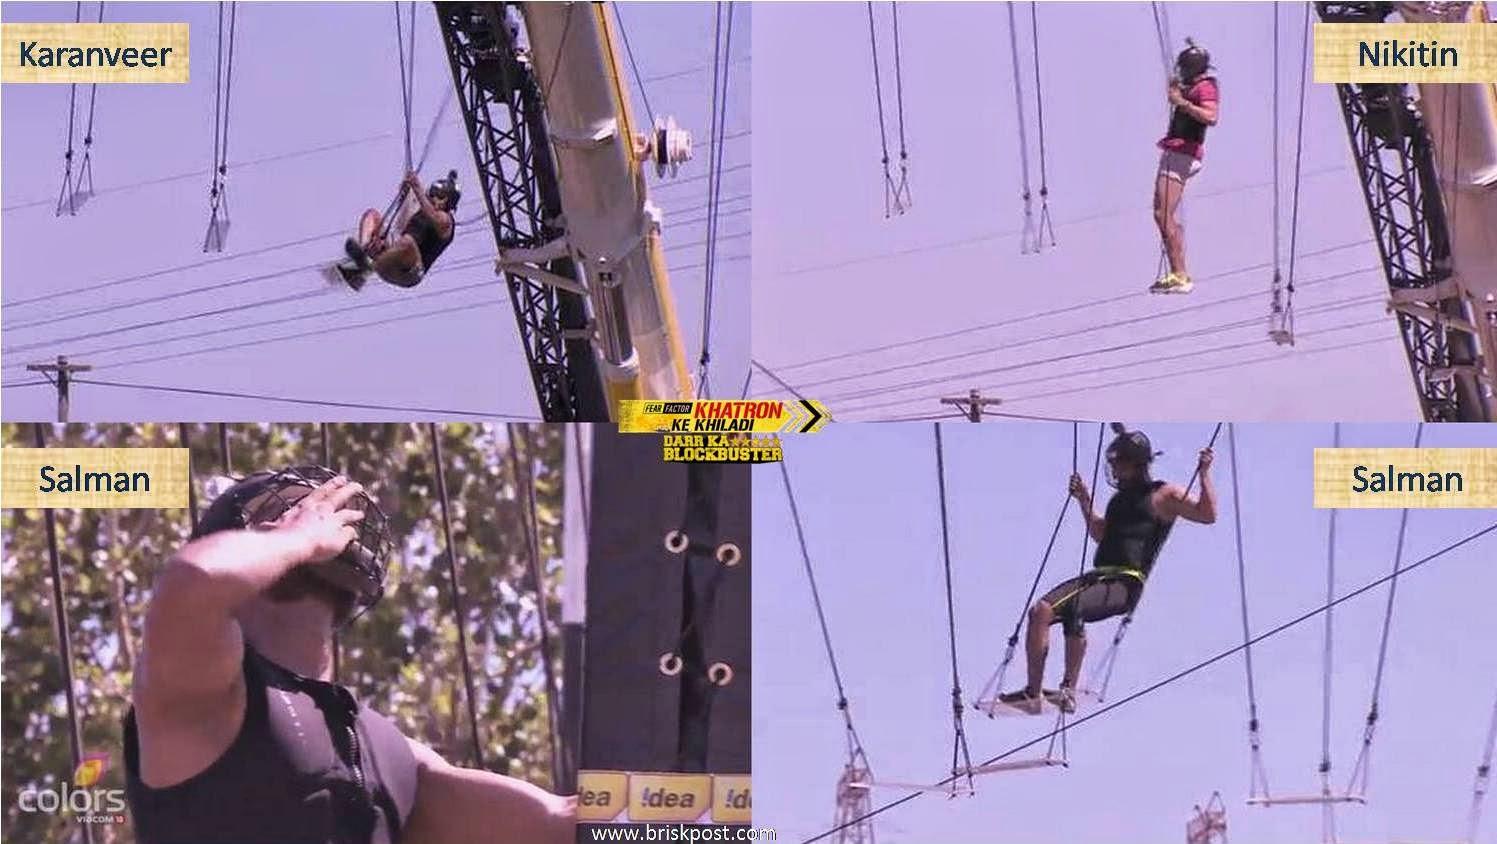 Contestants Karanveer, Nikitin and Salman during Swing stunt on height in Fear Factor Khatron Ke Khiladi 5